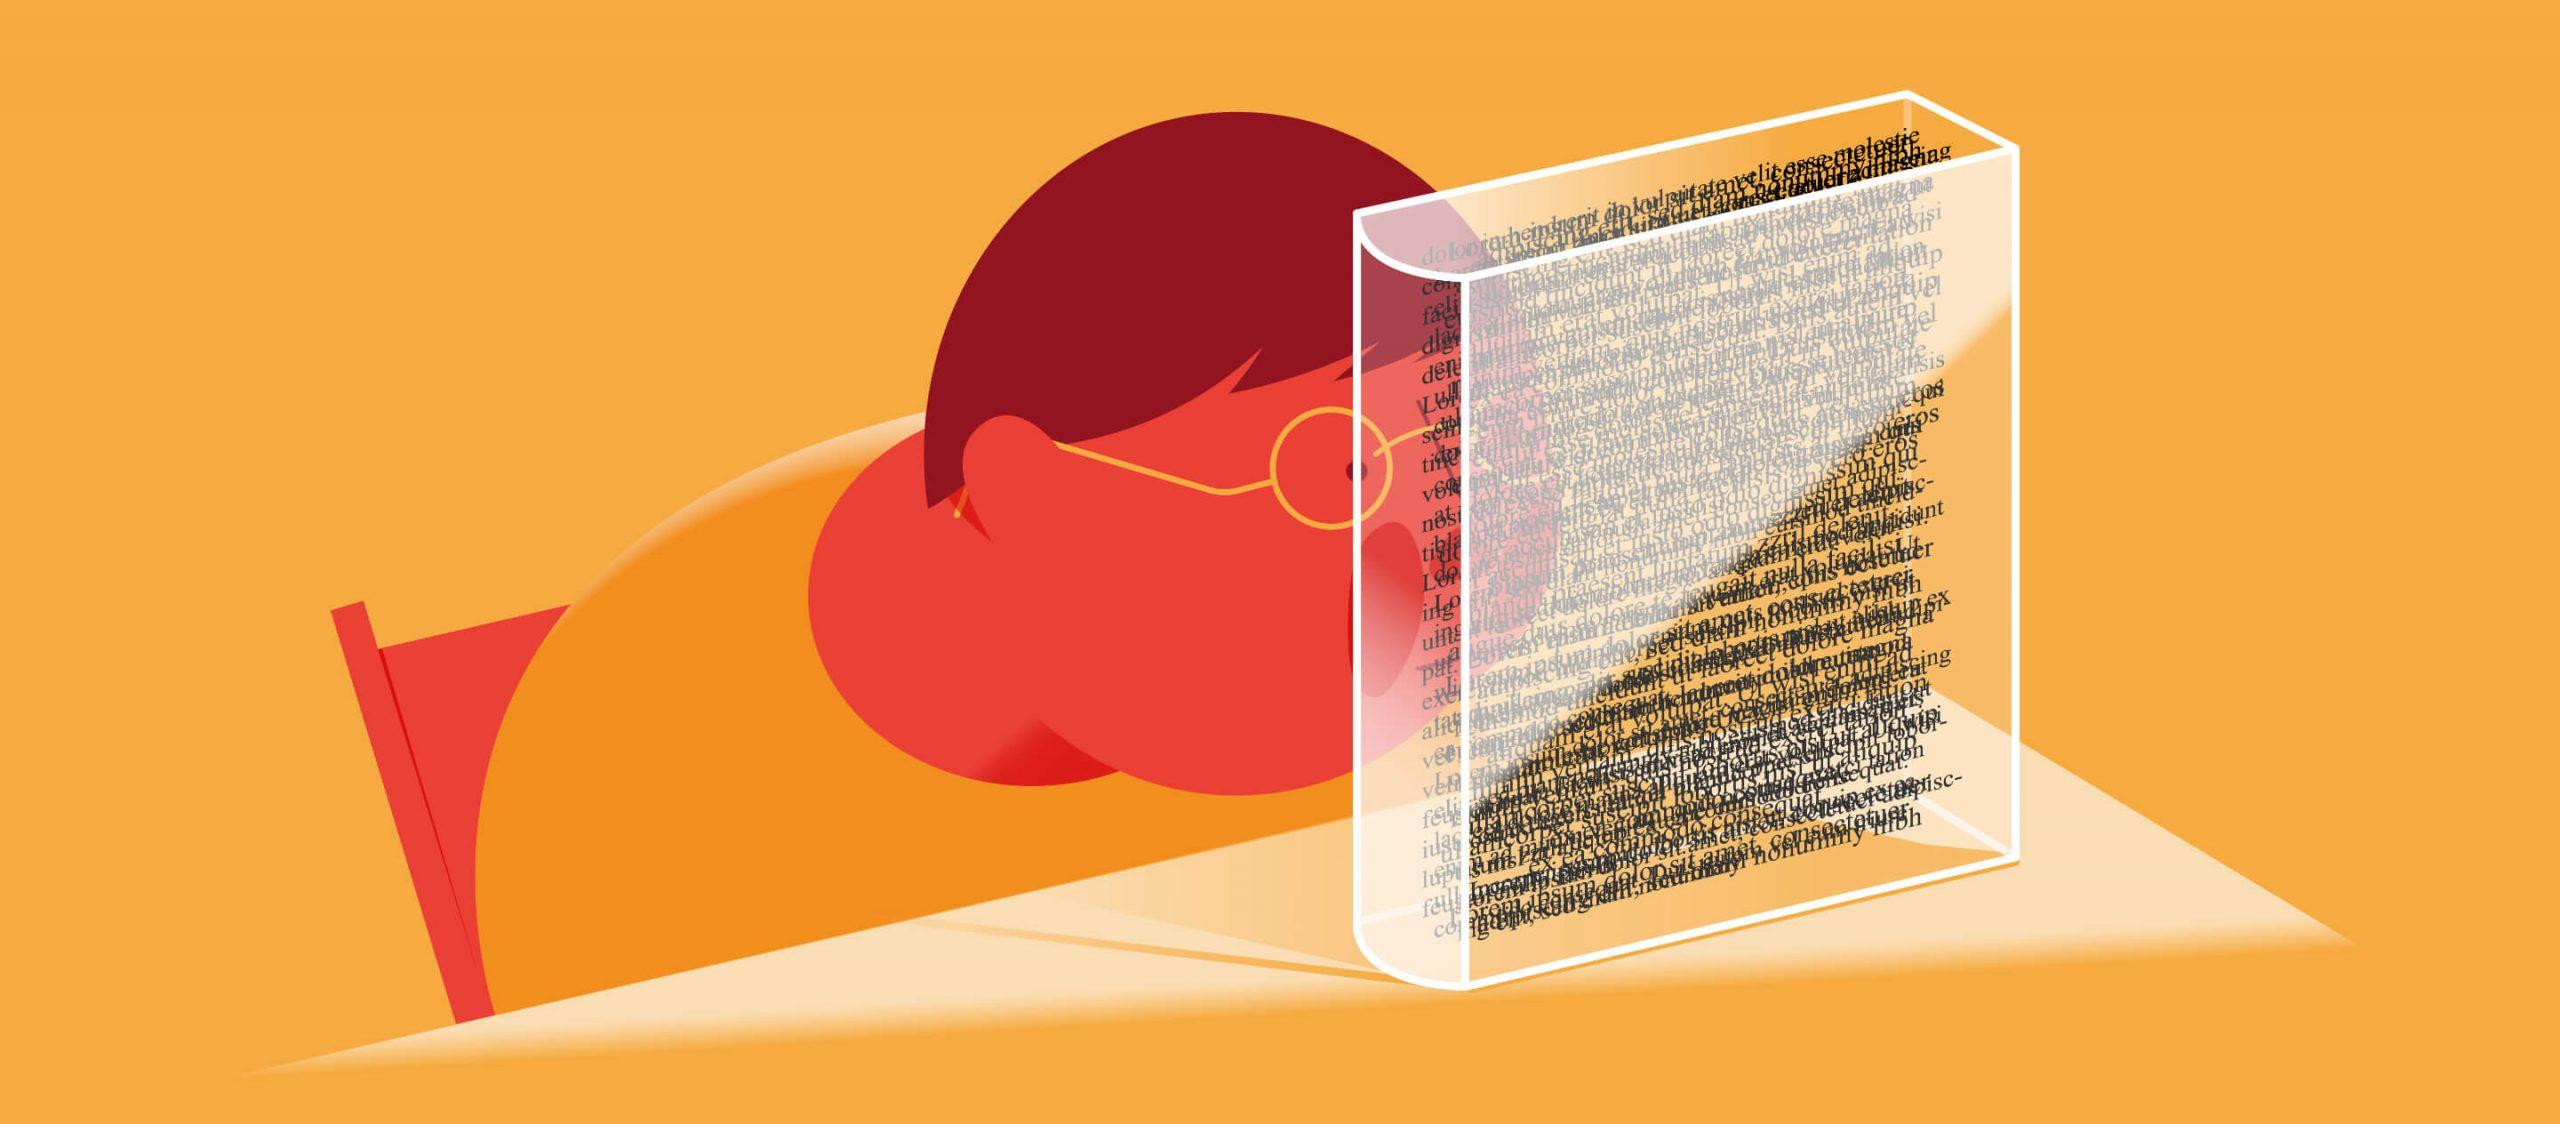 ทำยังไงเมื่ออ่านหนังสือแล้วไม่จำ หรือหนังสือจะไม่ใช่สื่อที่มี 'ประสิทธิภาพ'